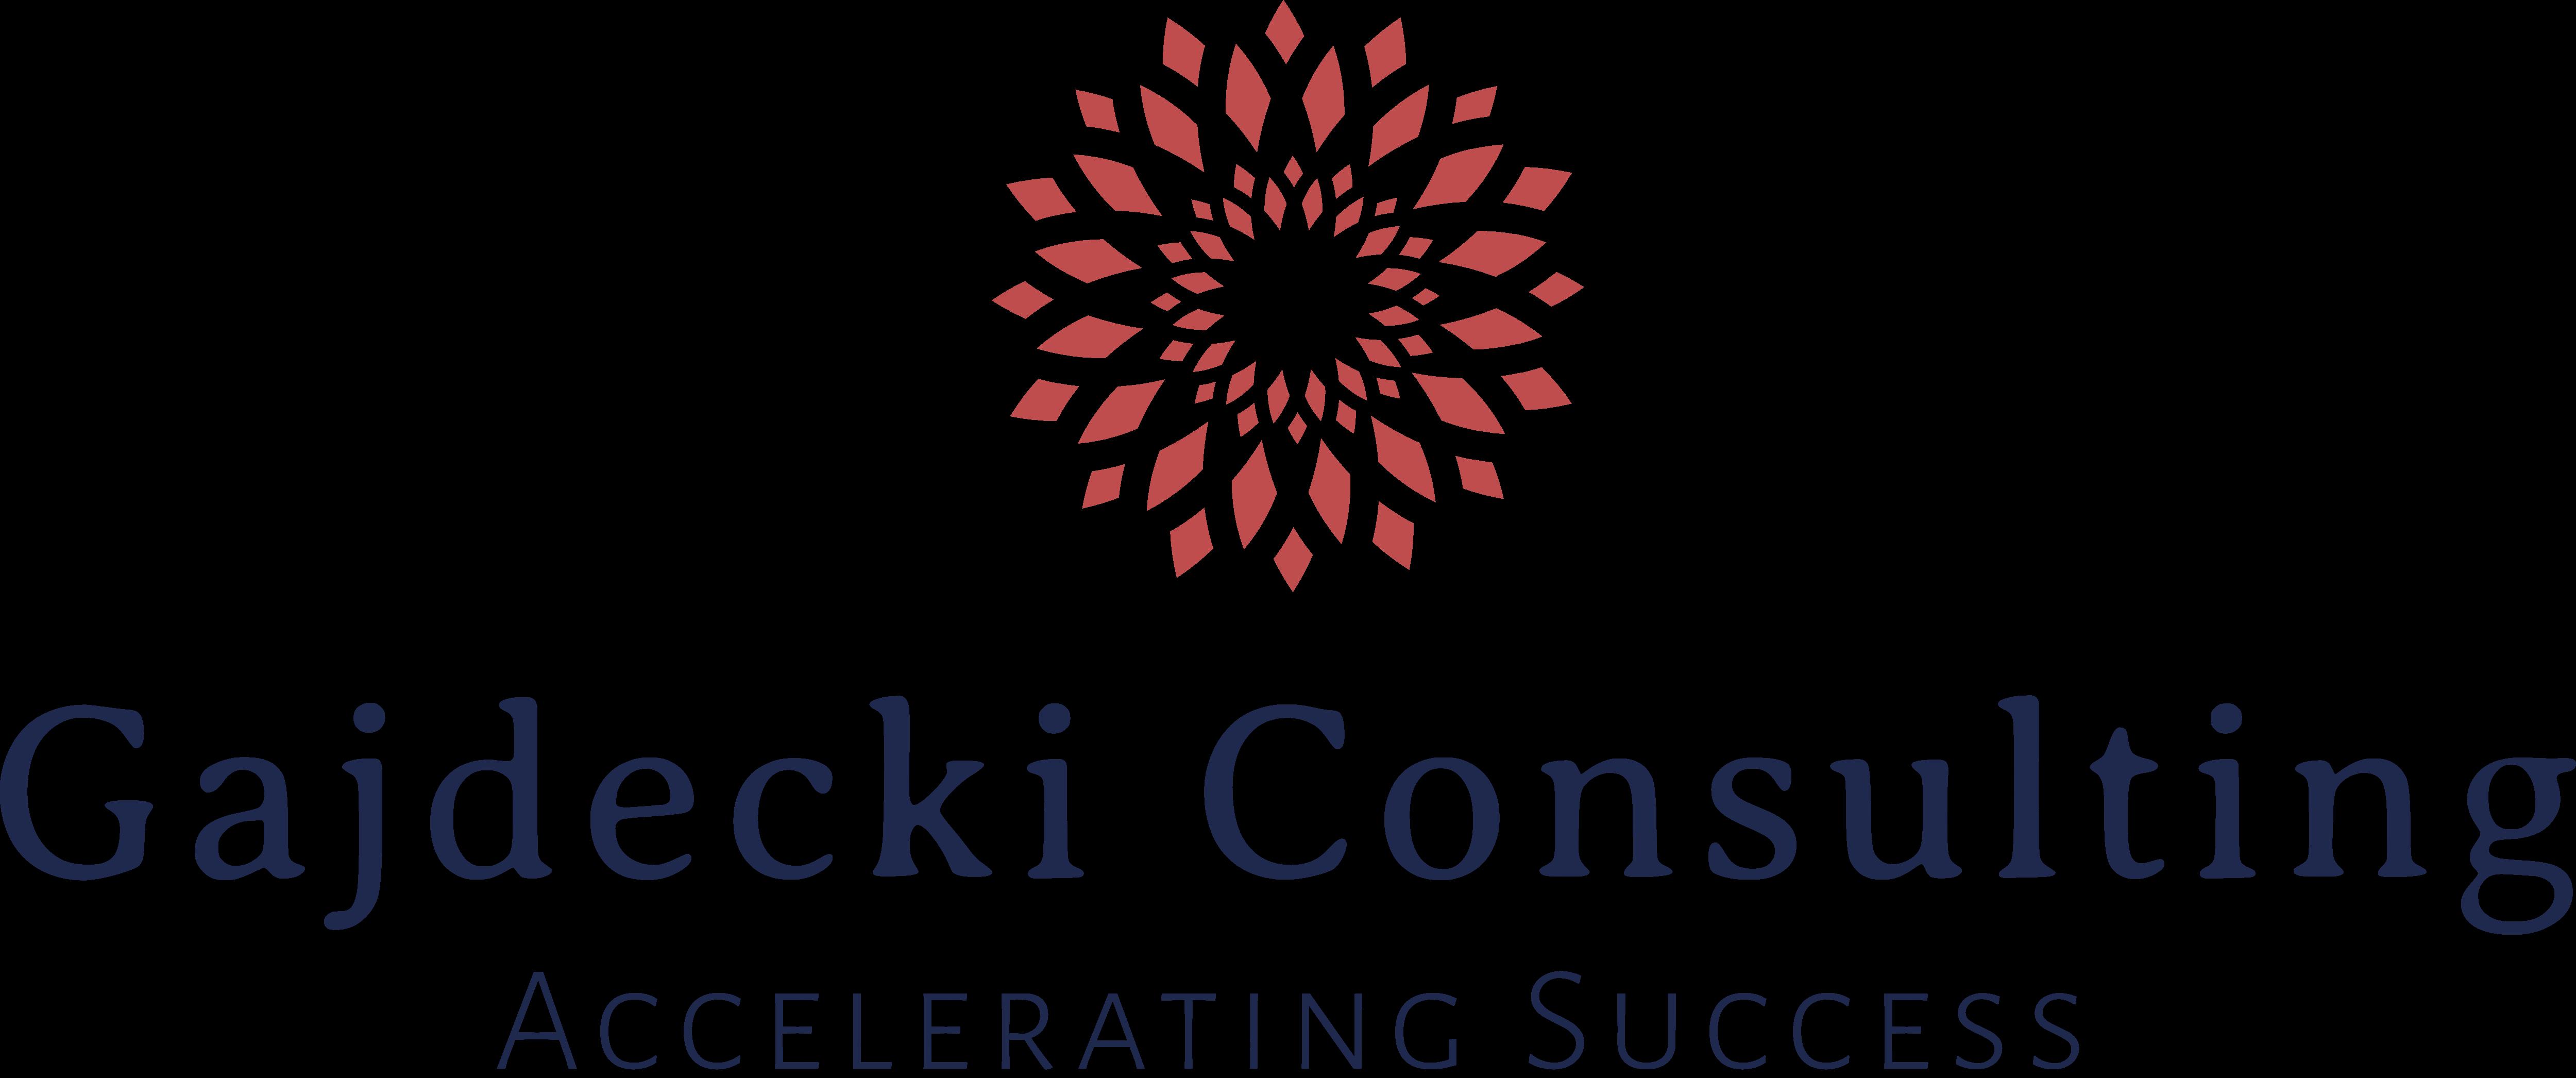 Gajdecki Consulting logo